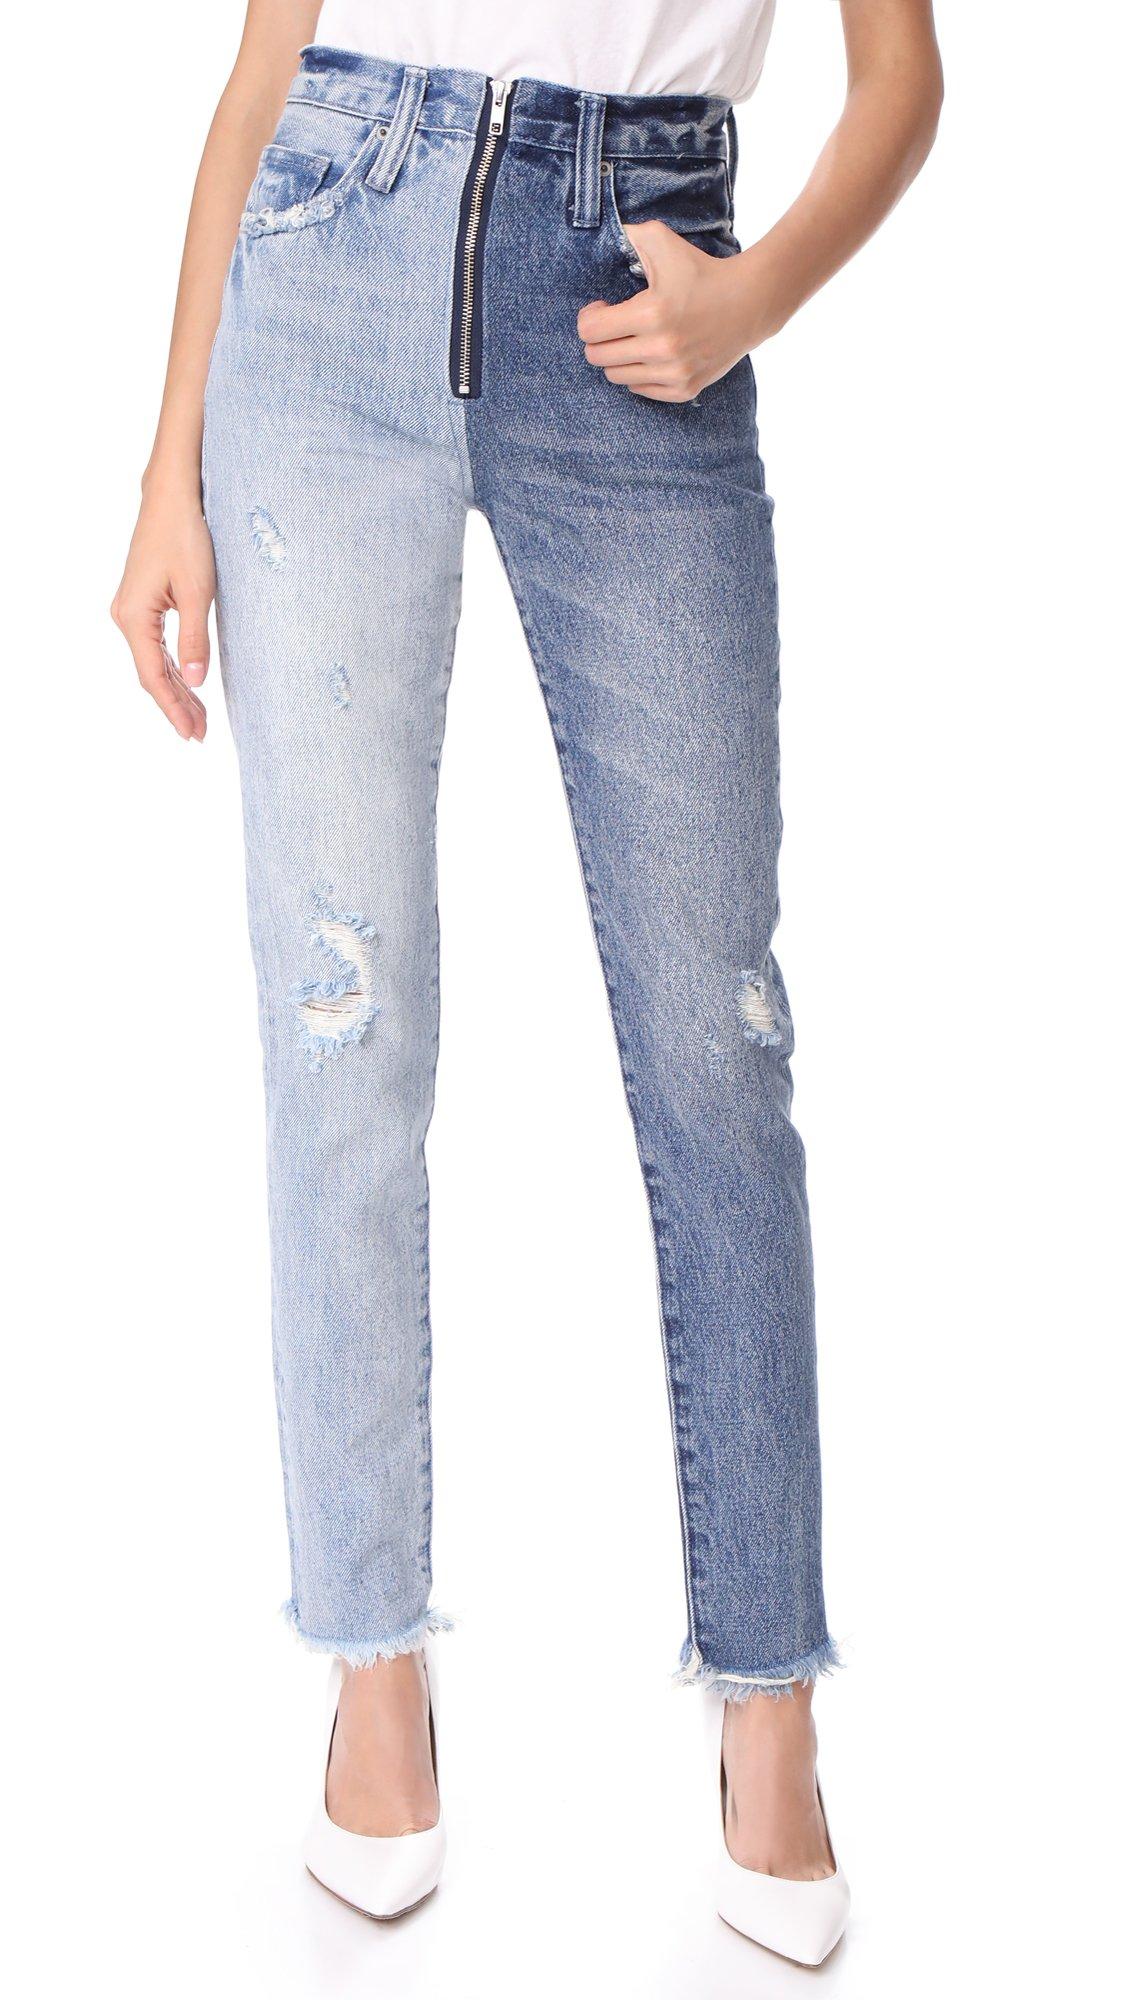 PRPS Women's AMX Jeans, Indigo, 27